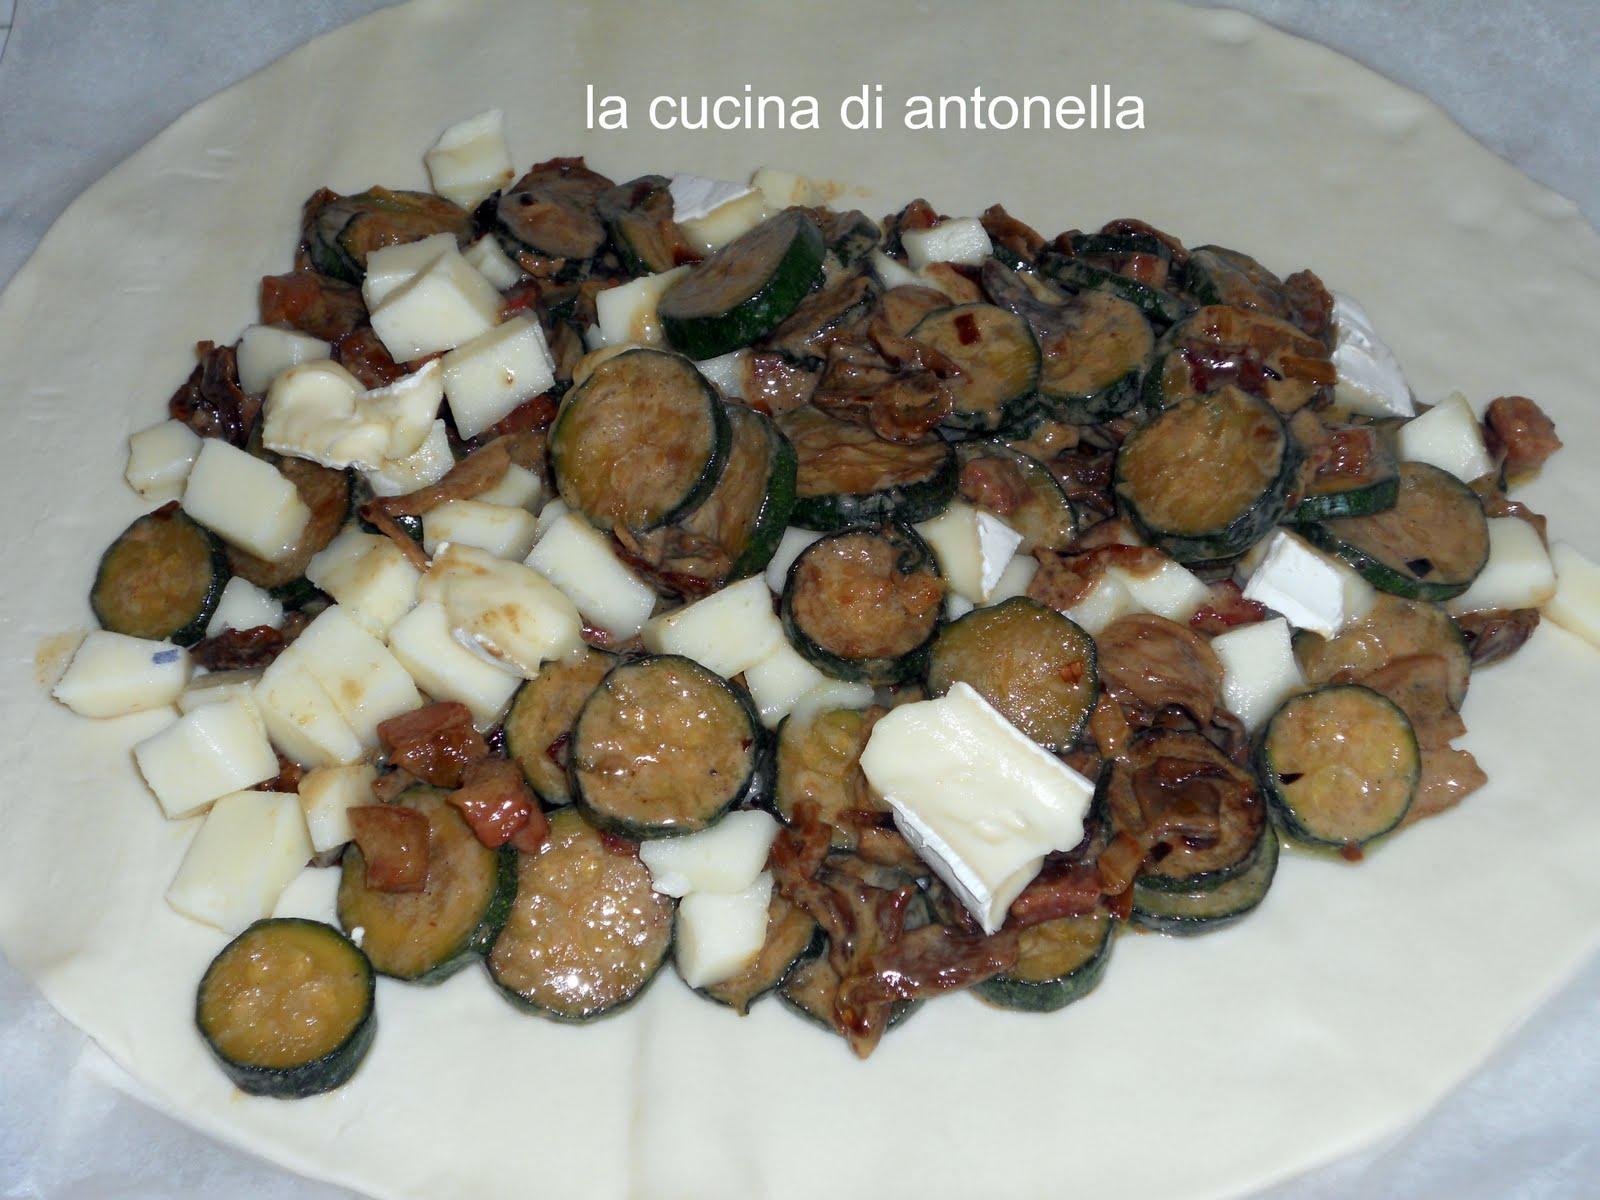 La cucina di antonella strudel salato trentino - La cucina di antonella ...